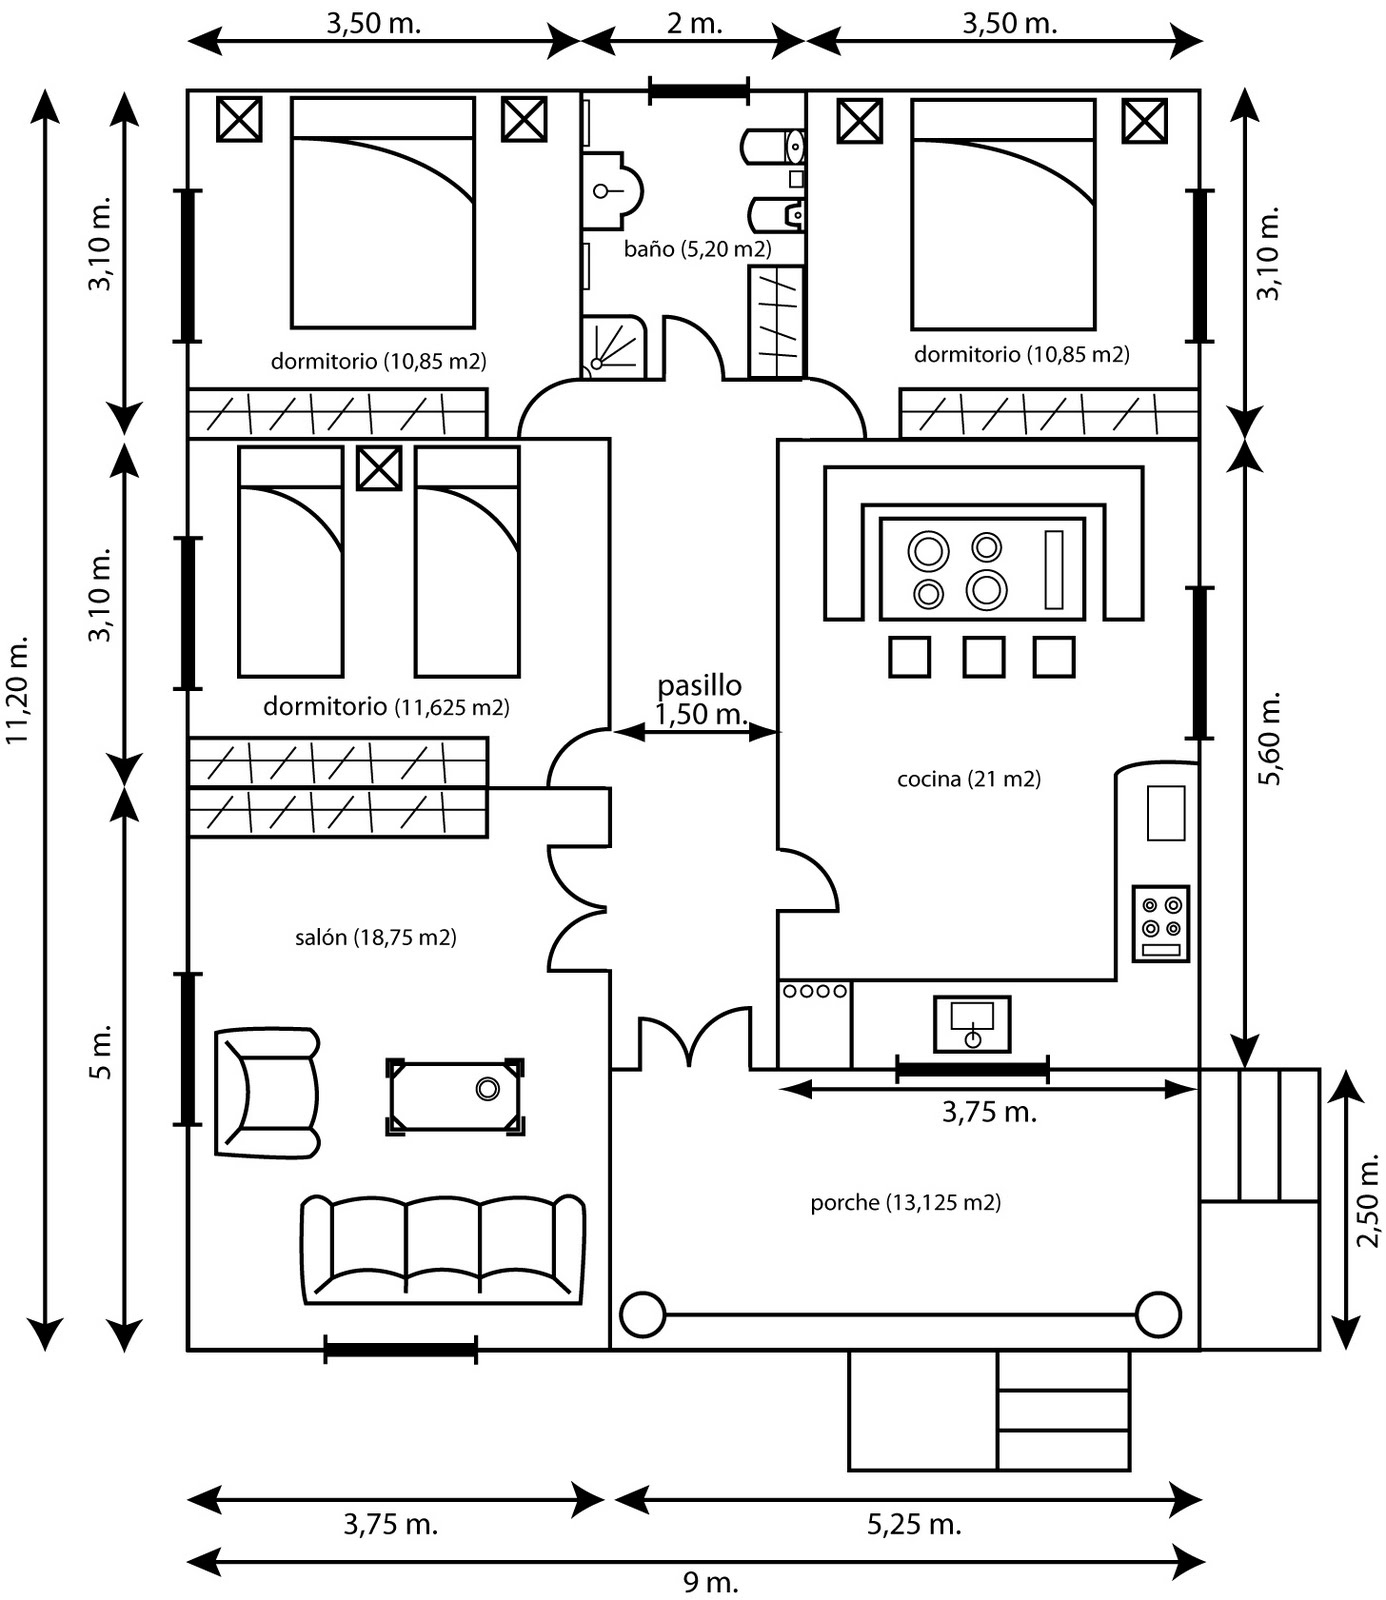 Como hacer planos para construir una casa diseno de for Pagina para hacer planos gratis